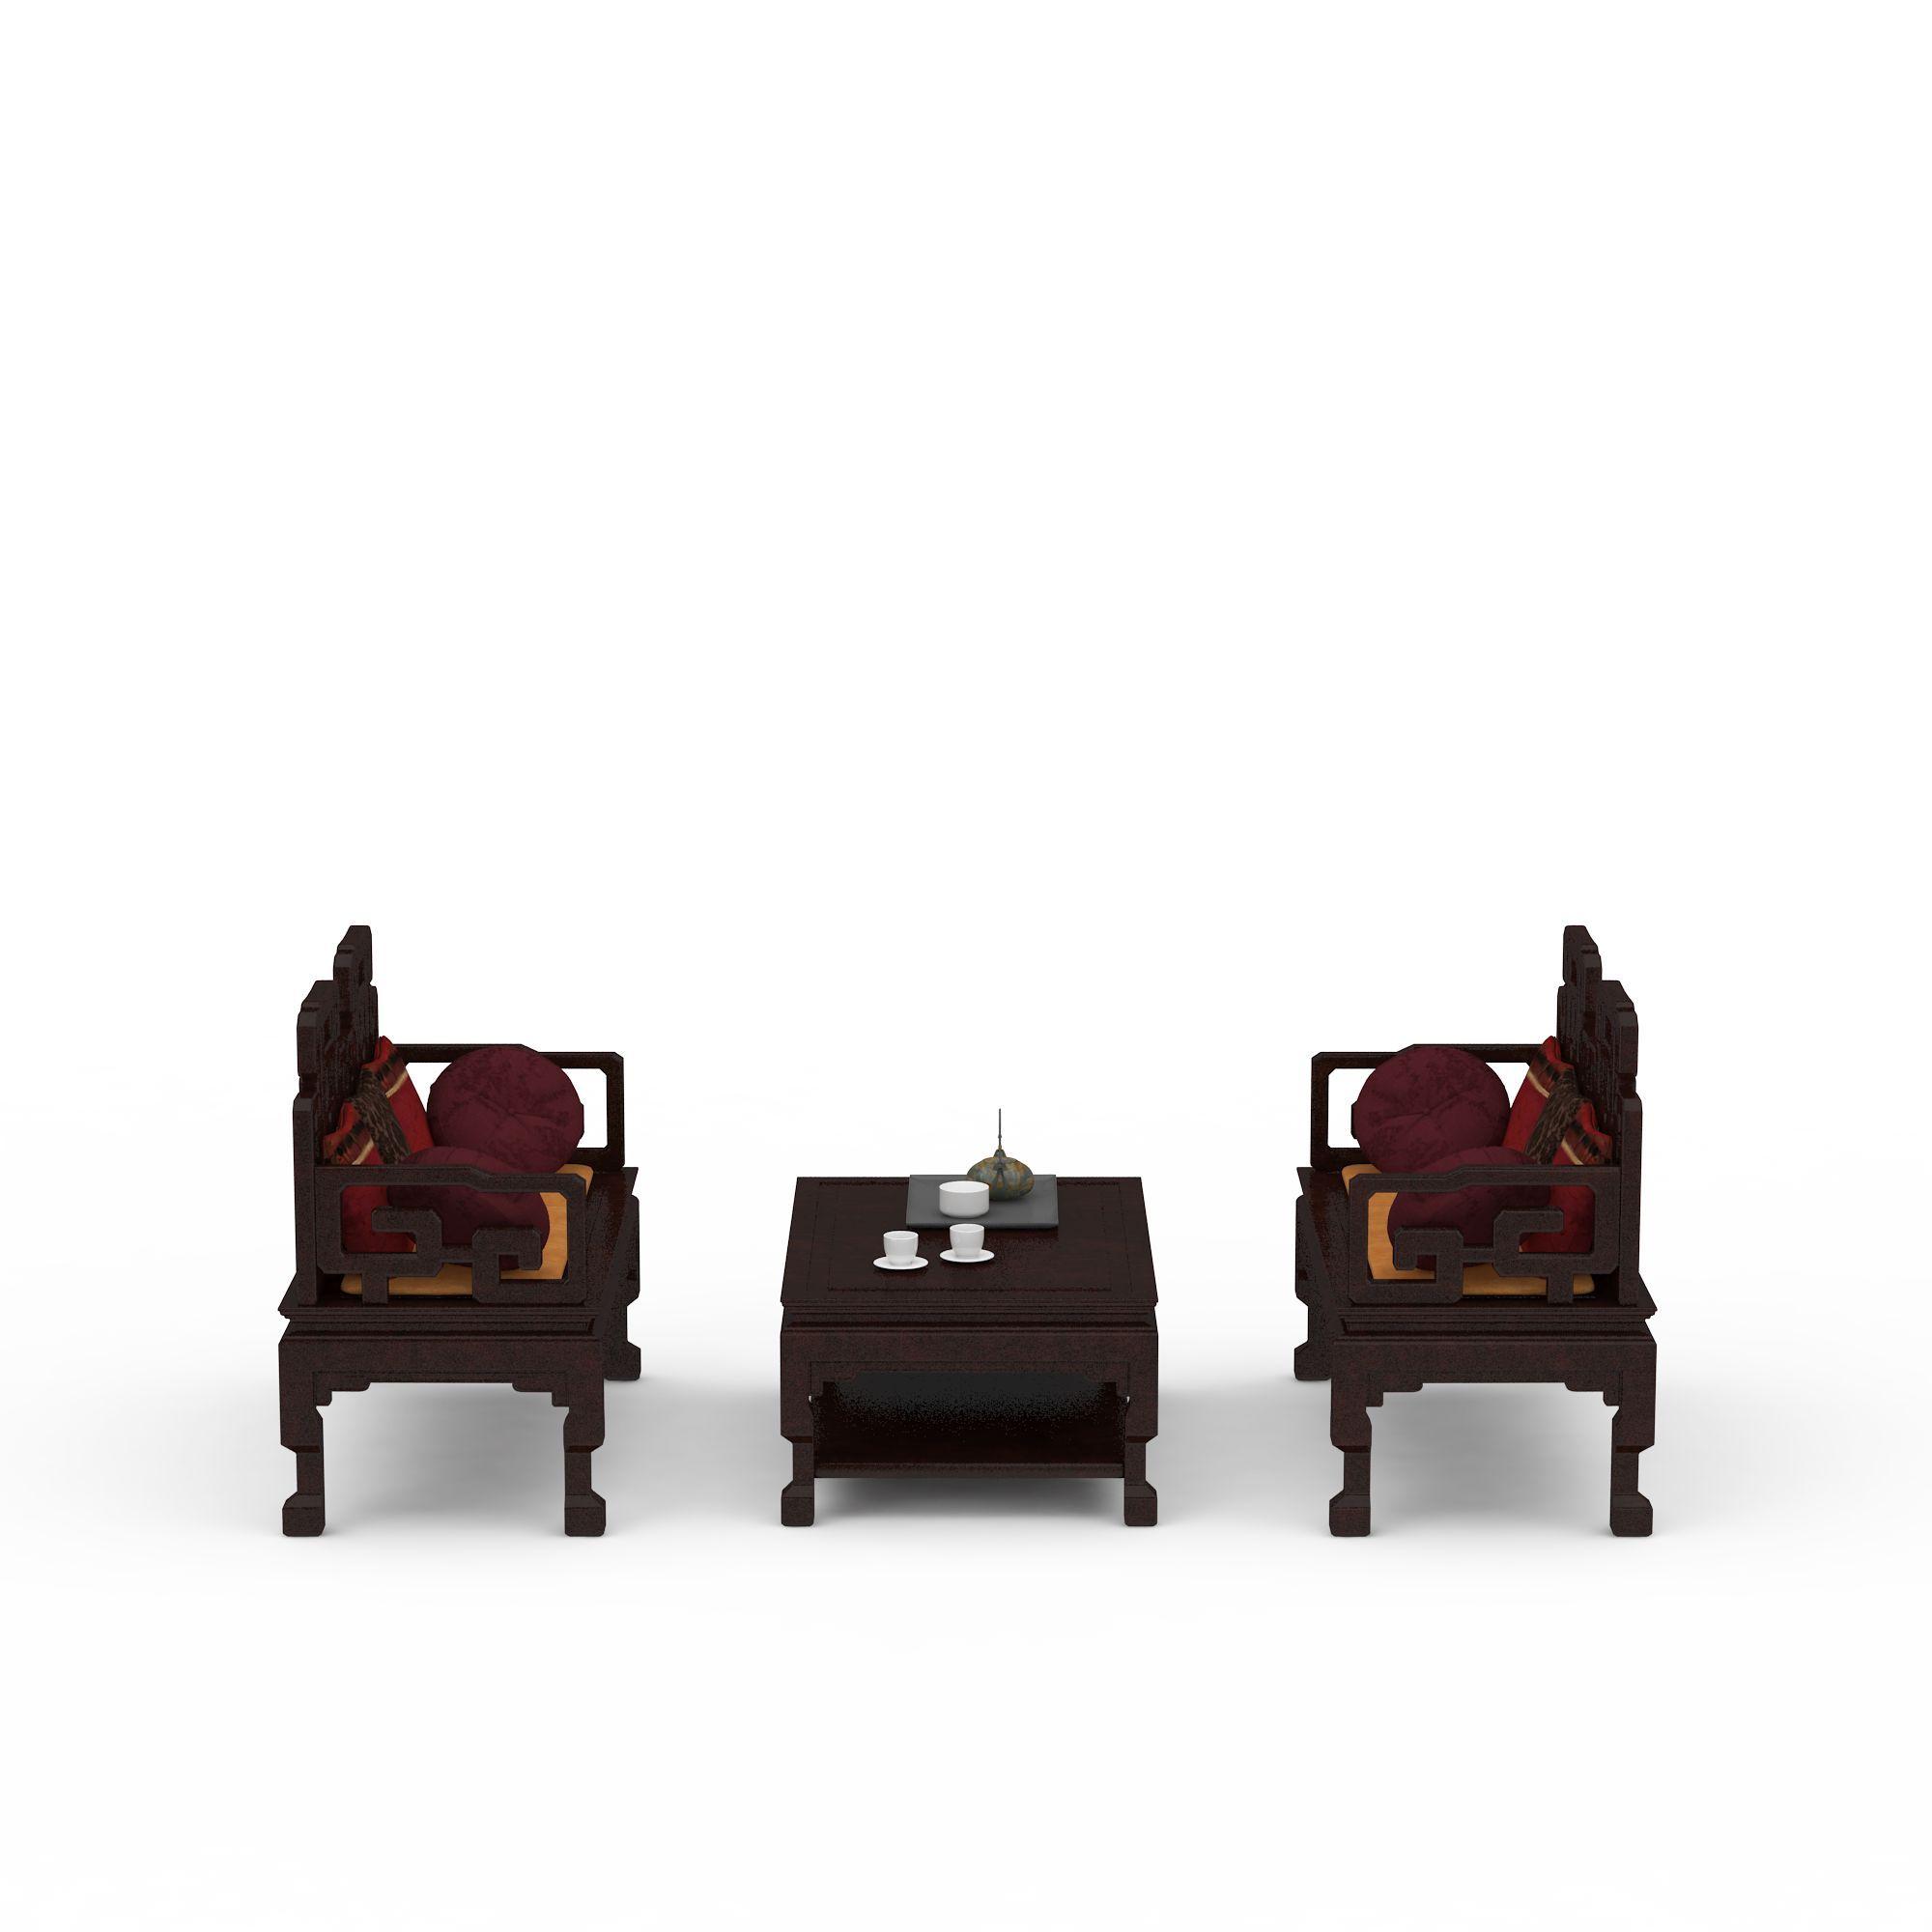 中式组合沙发高清图下载图片